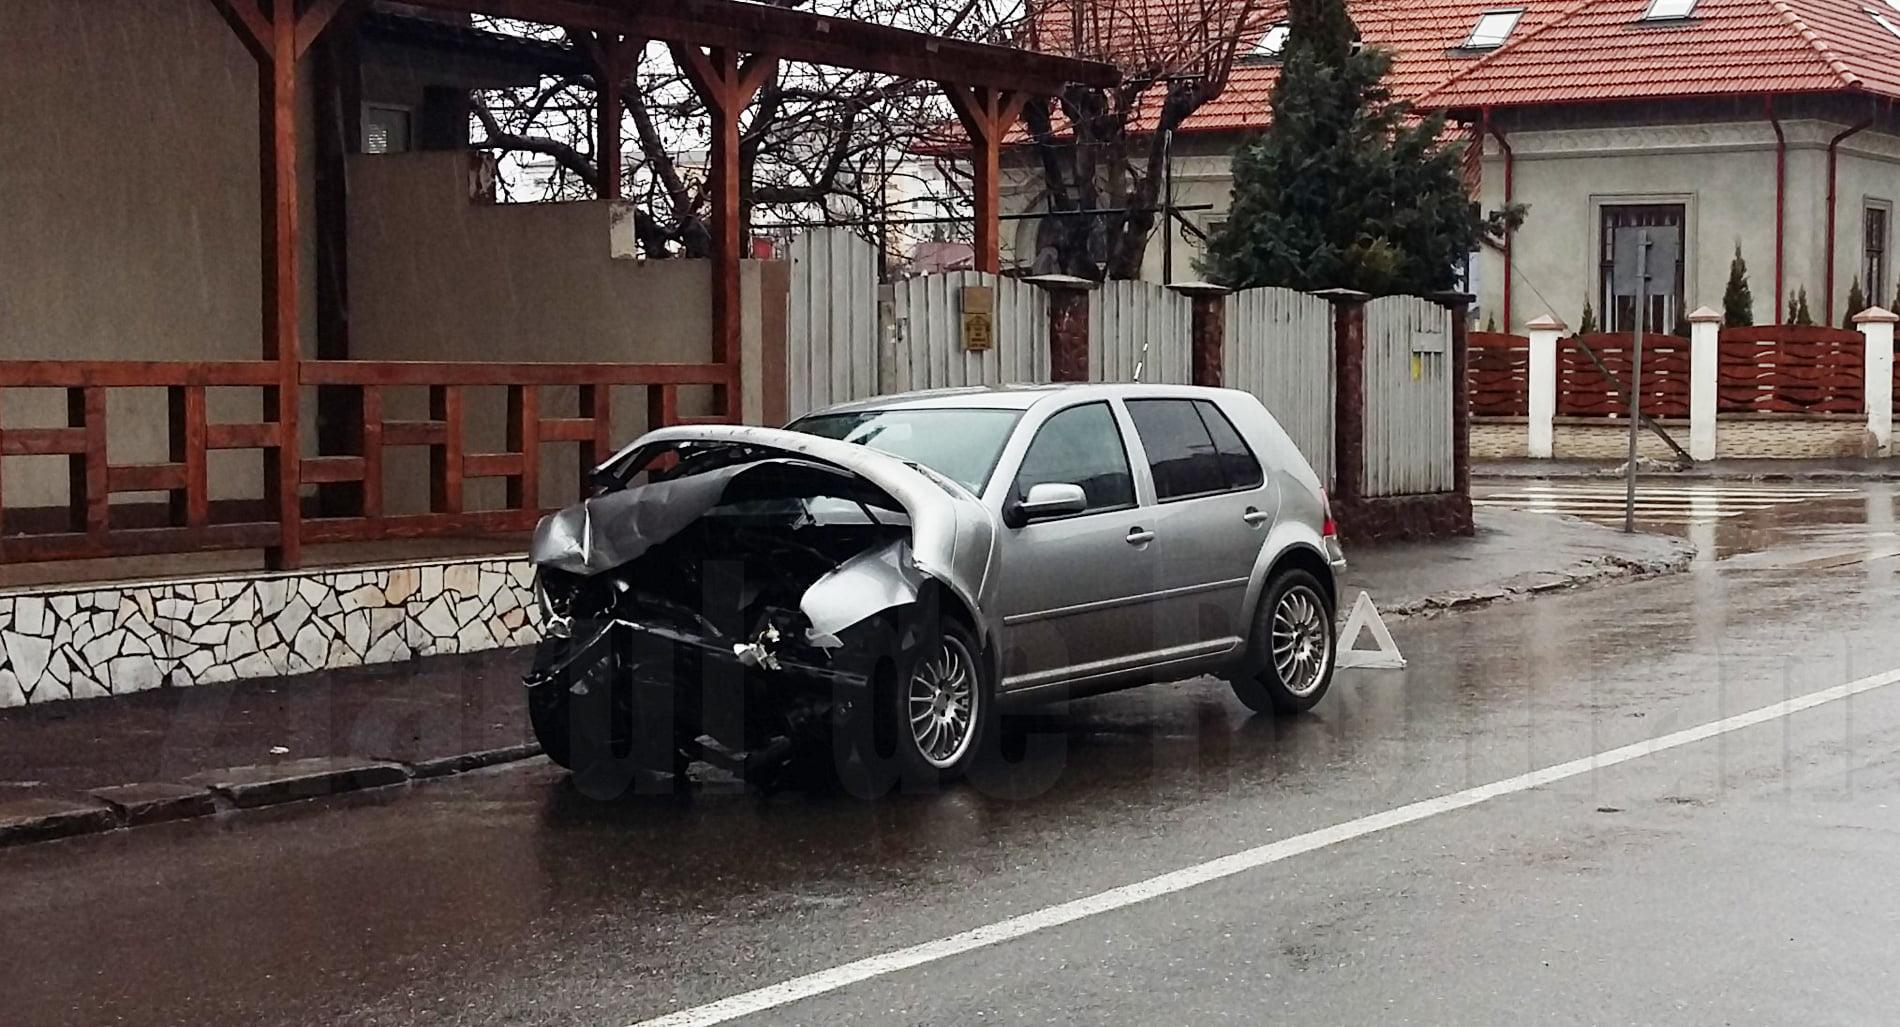 Șoferi cu permisele reținute, după un accident soldat cu rănirea a două persoane